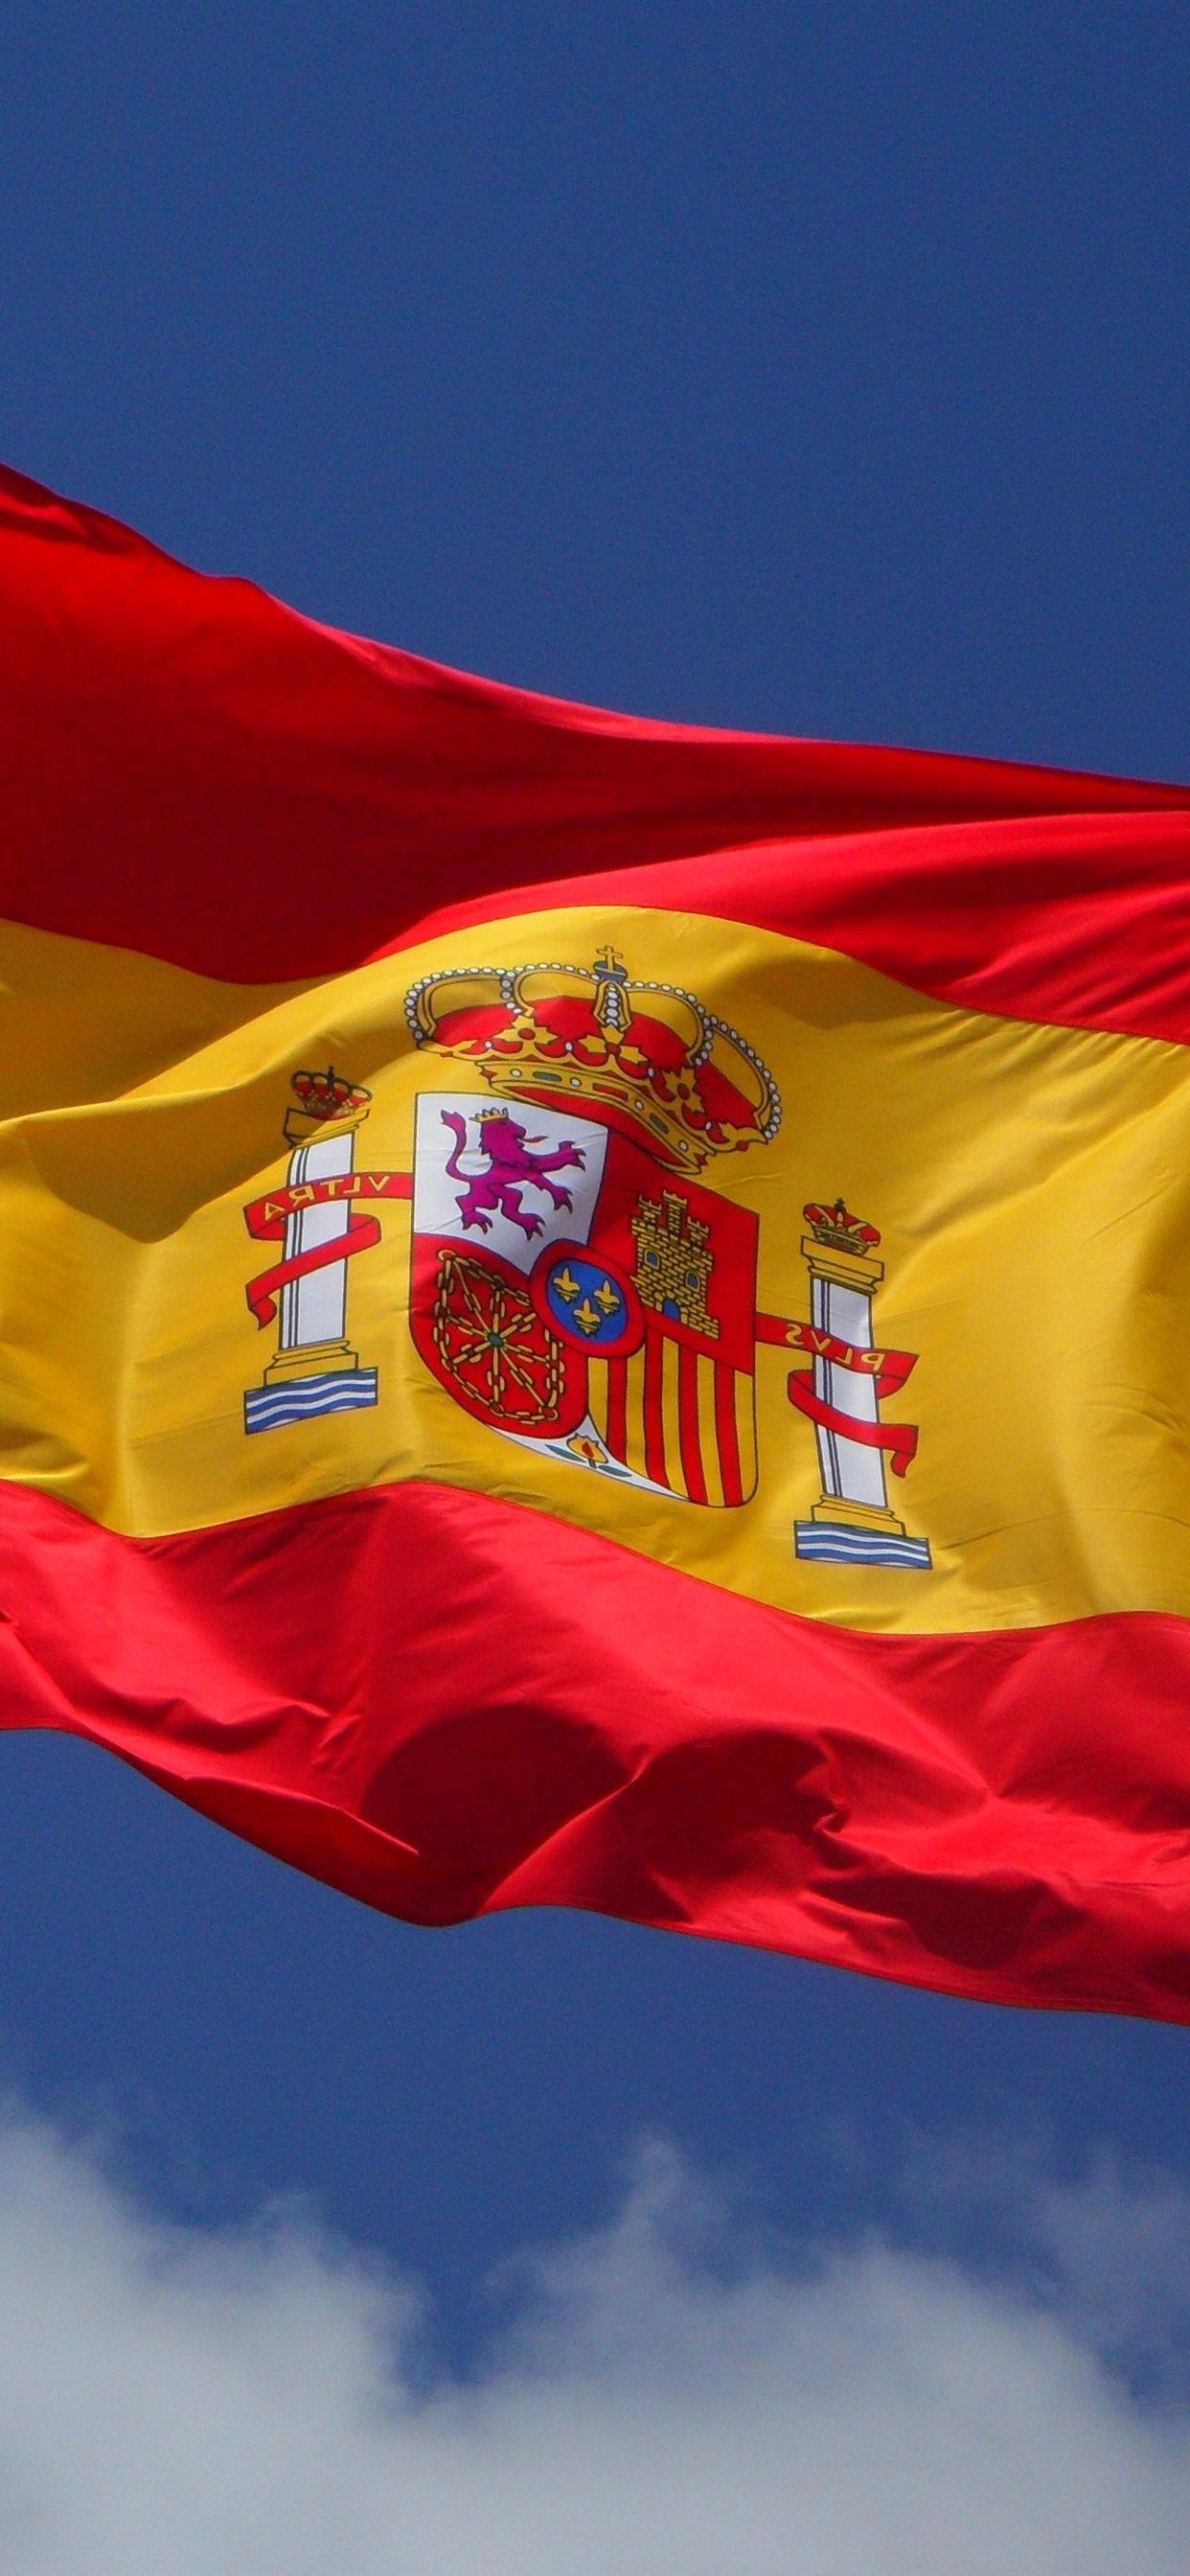 スペイン国旗 風 1242x2688 Iphone 11 Pro Xs Max 壁紙 背景 画像